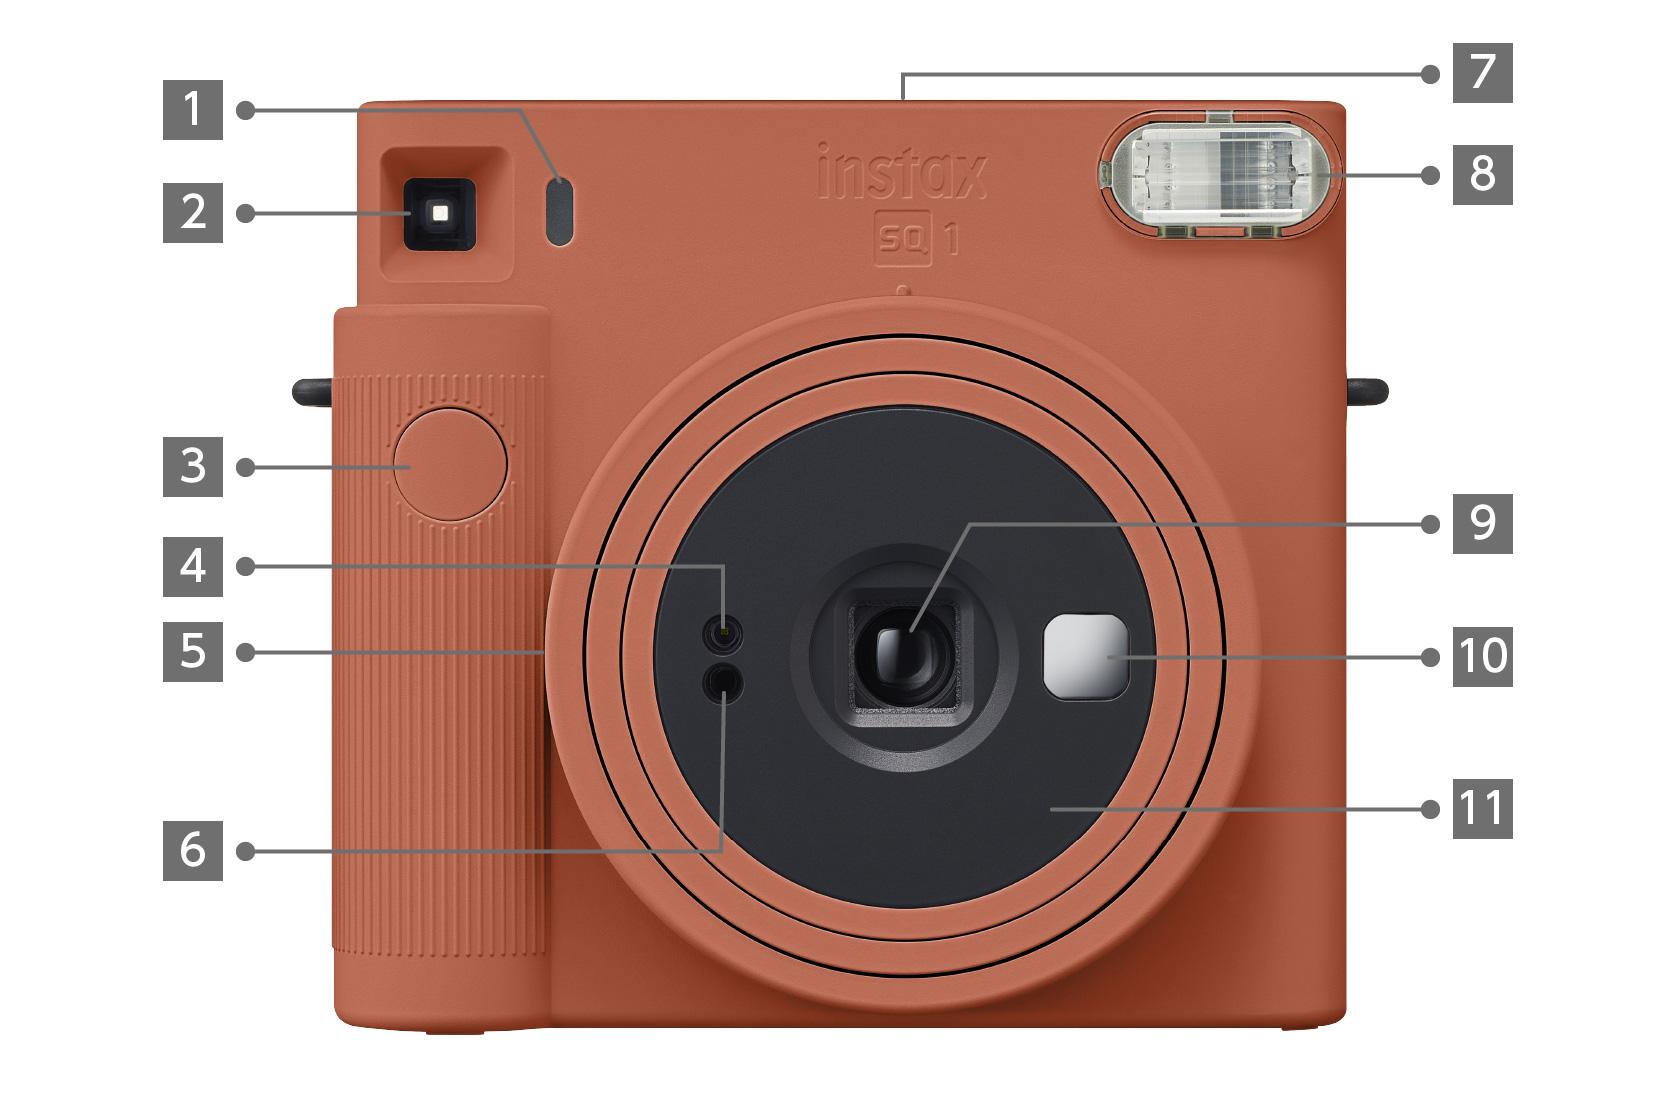 [fotografía] Cámara INSTAX SQUARE SQ1 en color Terracotta Orange, vista frontal